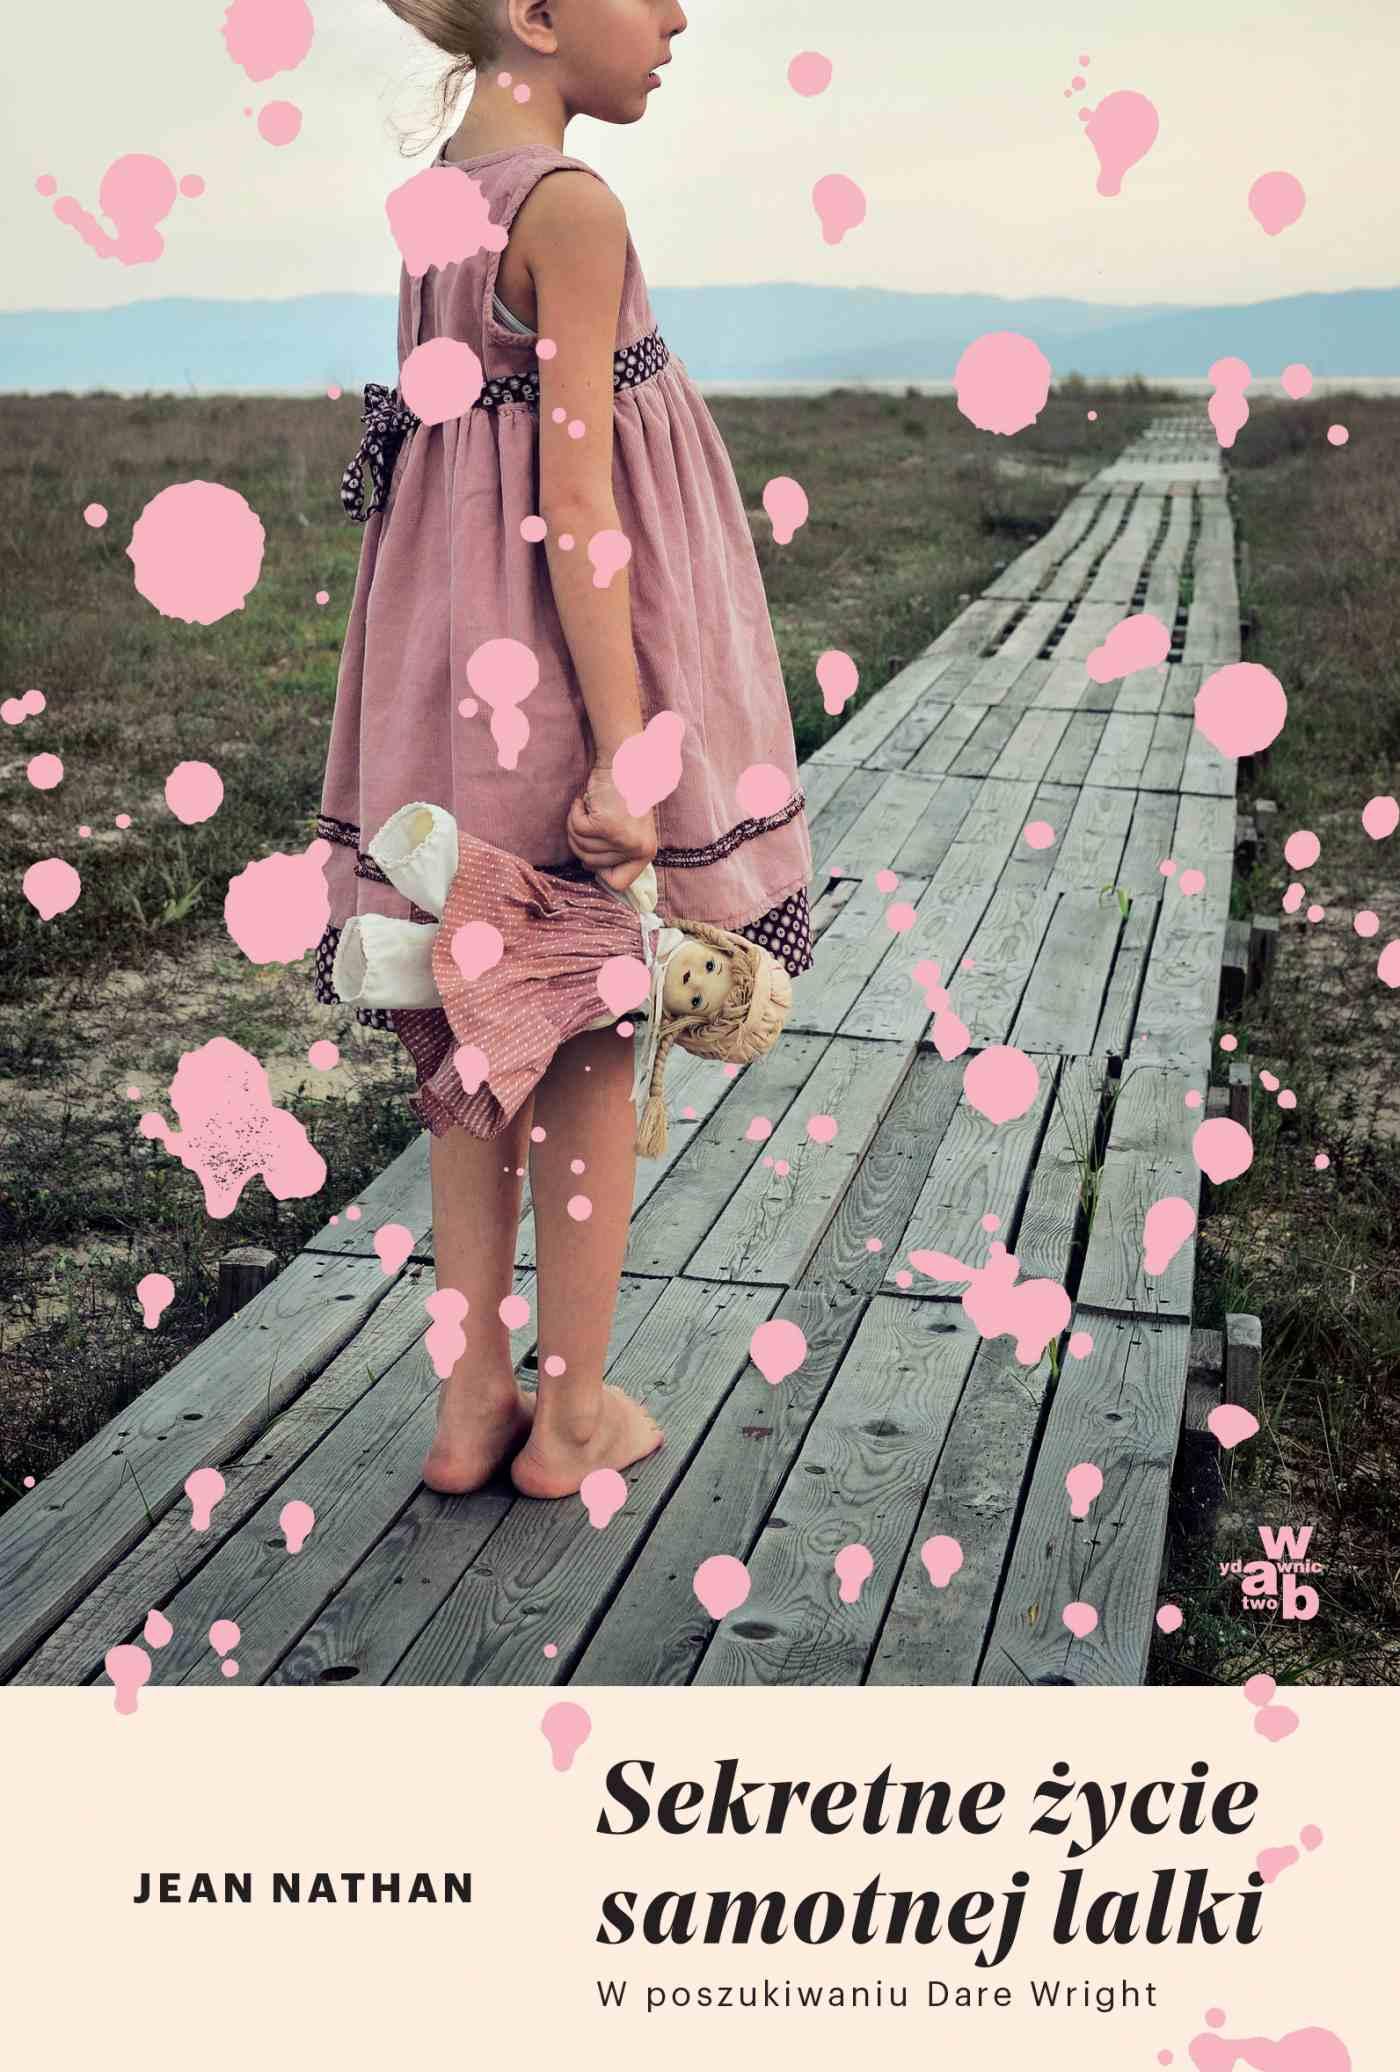 Sekretne życie Samotnej lalki - Ebook (Książka na Kindle) do pobrania w formacie MOBI